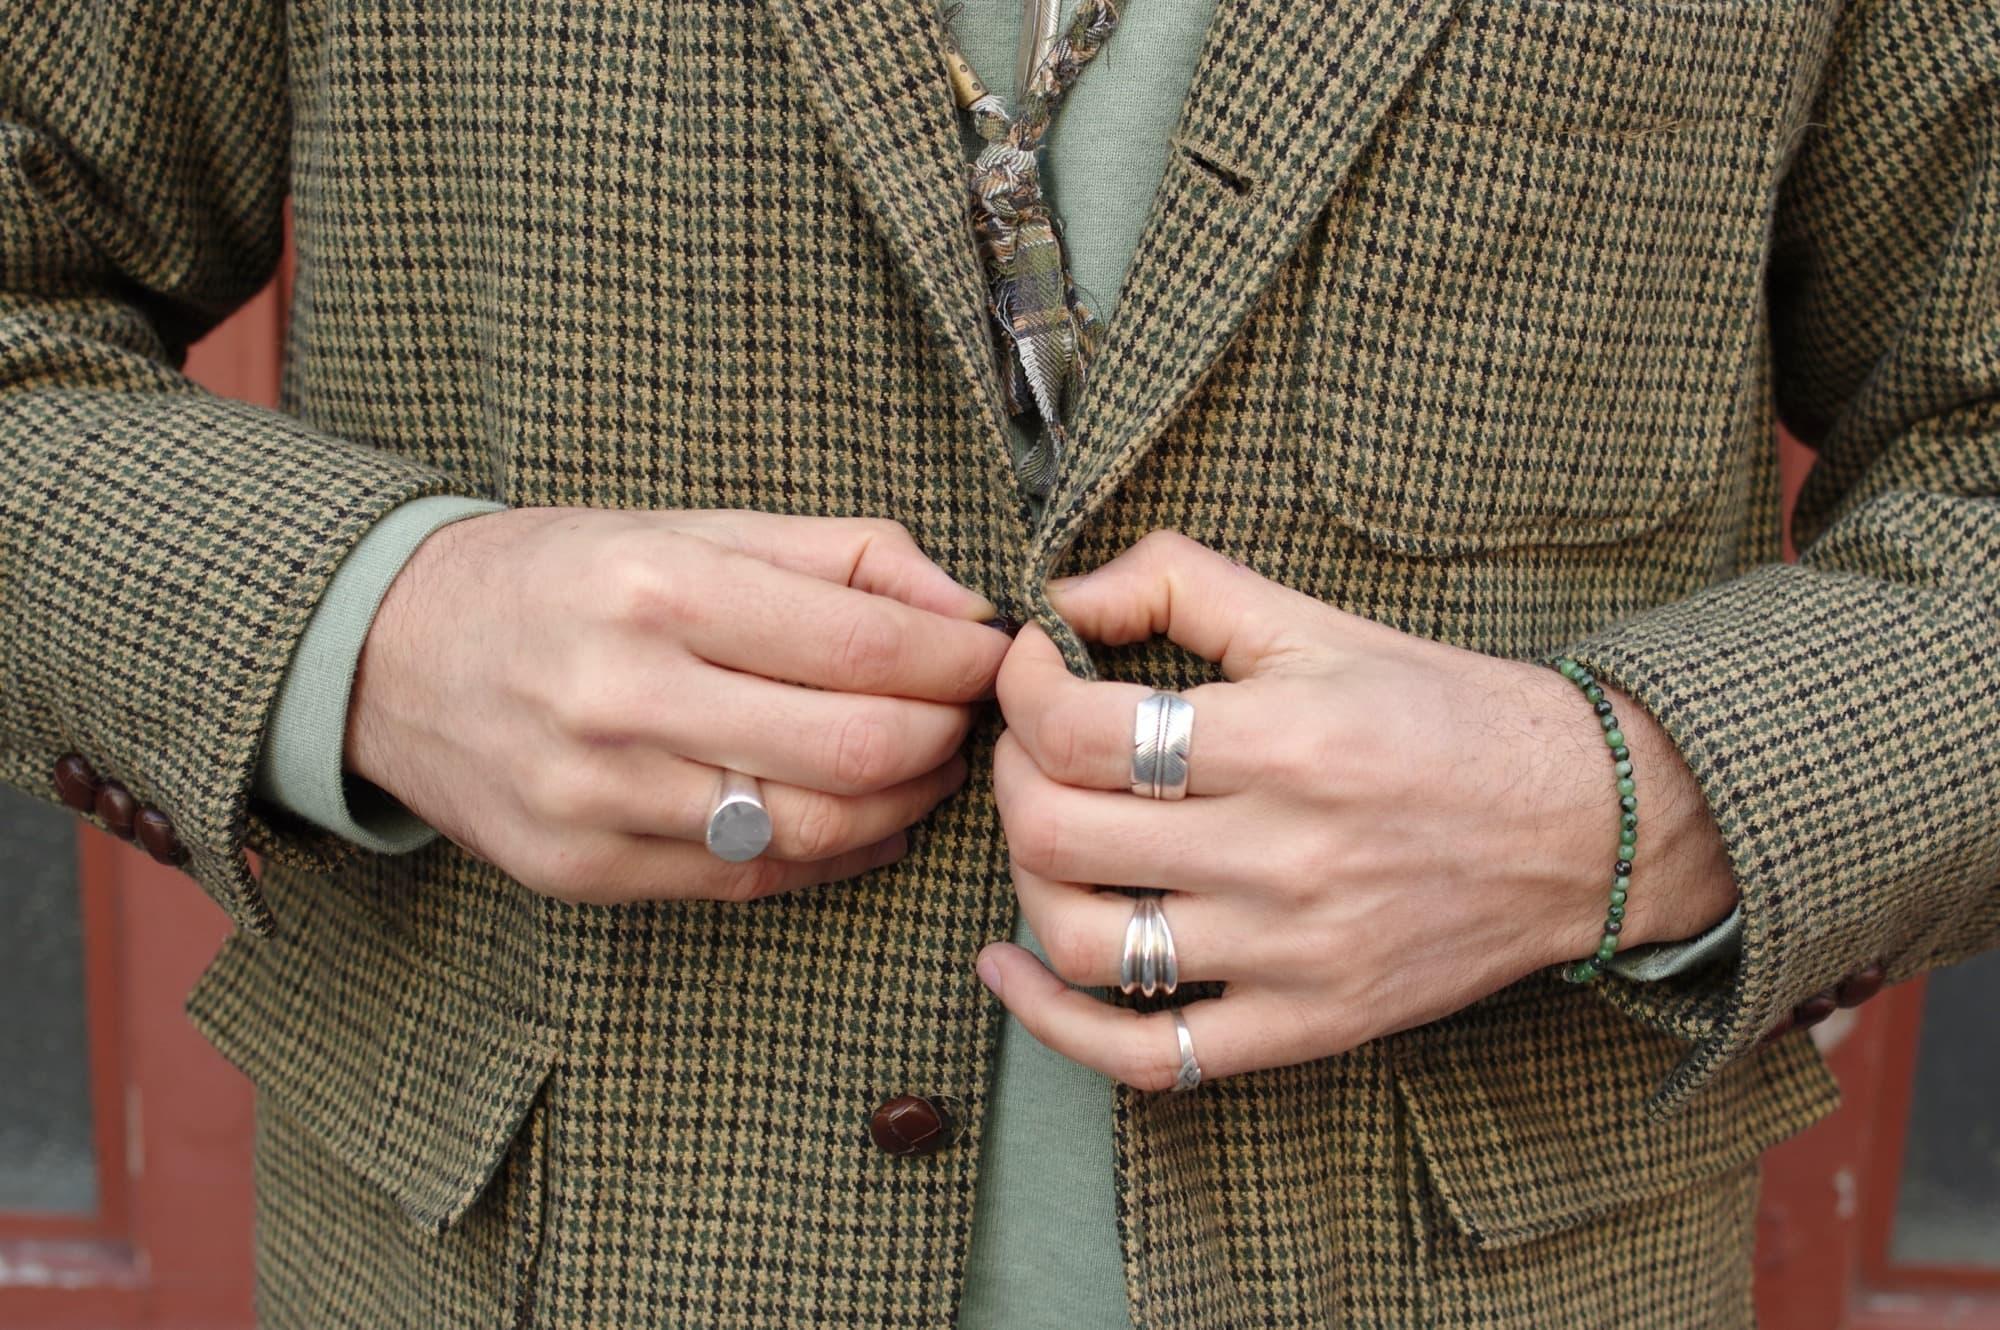 idée look homme accessoires masculin avec bague en argent vintage, collier recyclé borali et first arrow's plume bague en argent pur homme gilbert gilbert